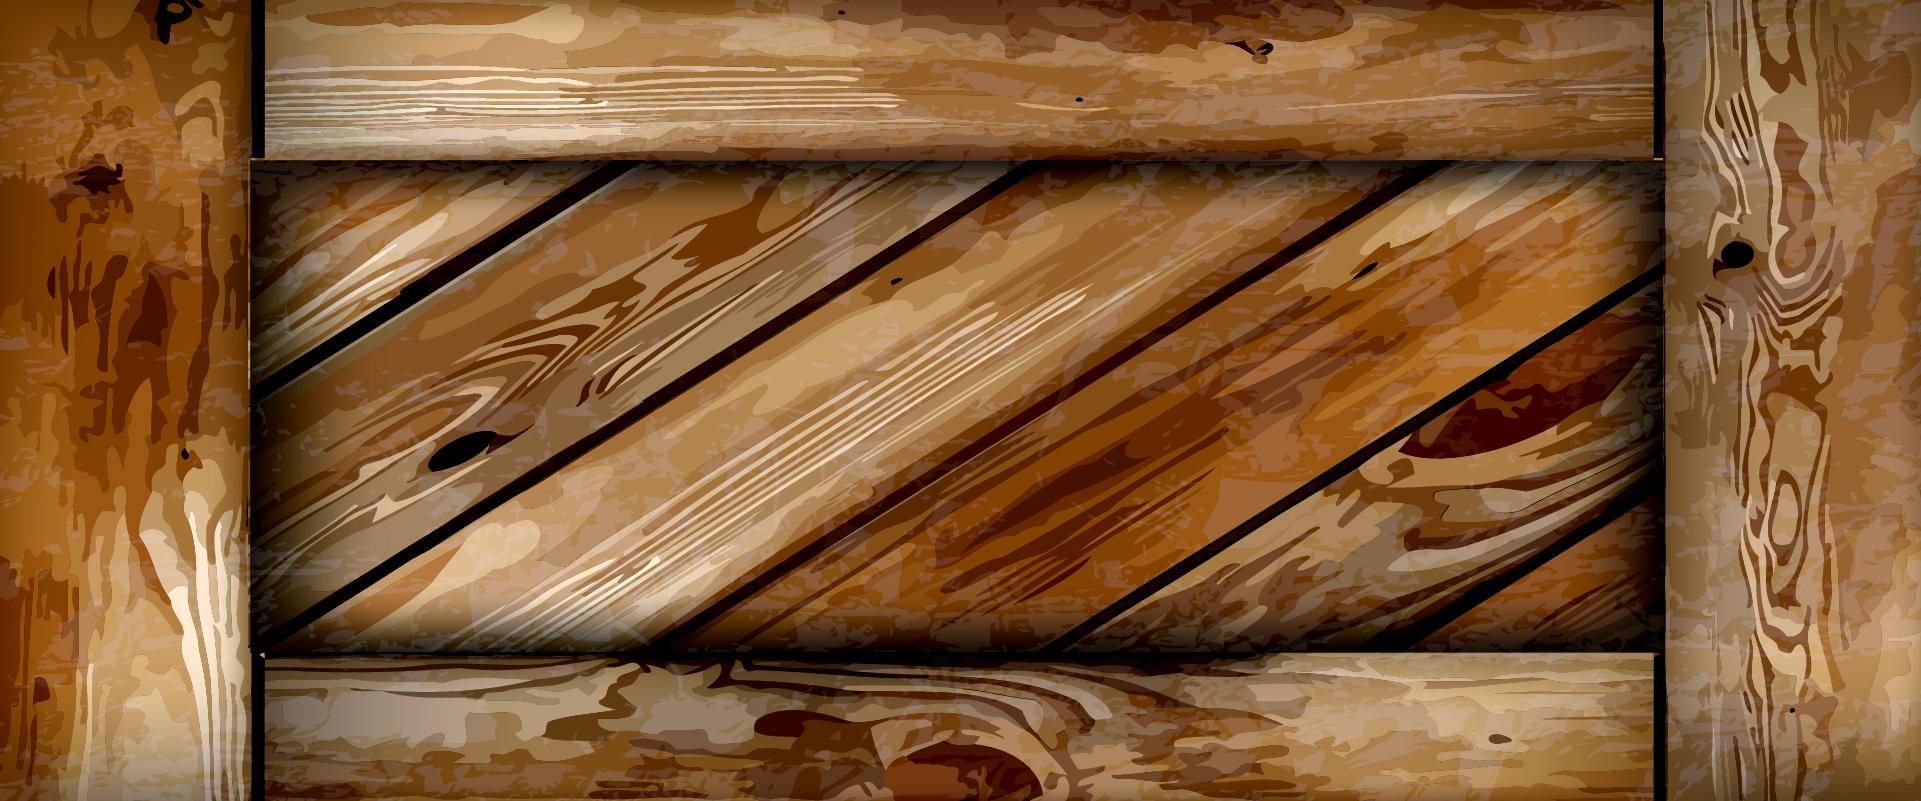 بالصور خلفيات خشب , احدث اشكال الخلفيات الخشبية 5126 8